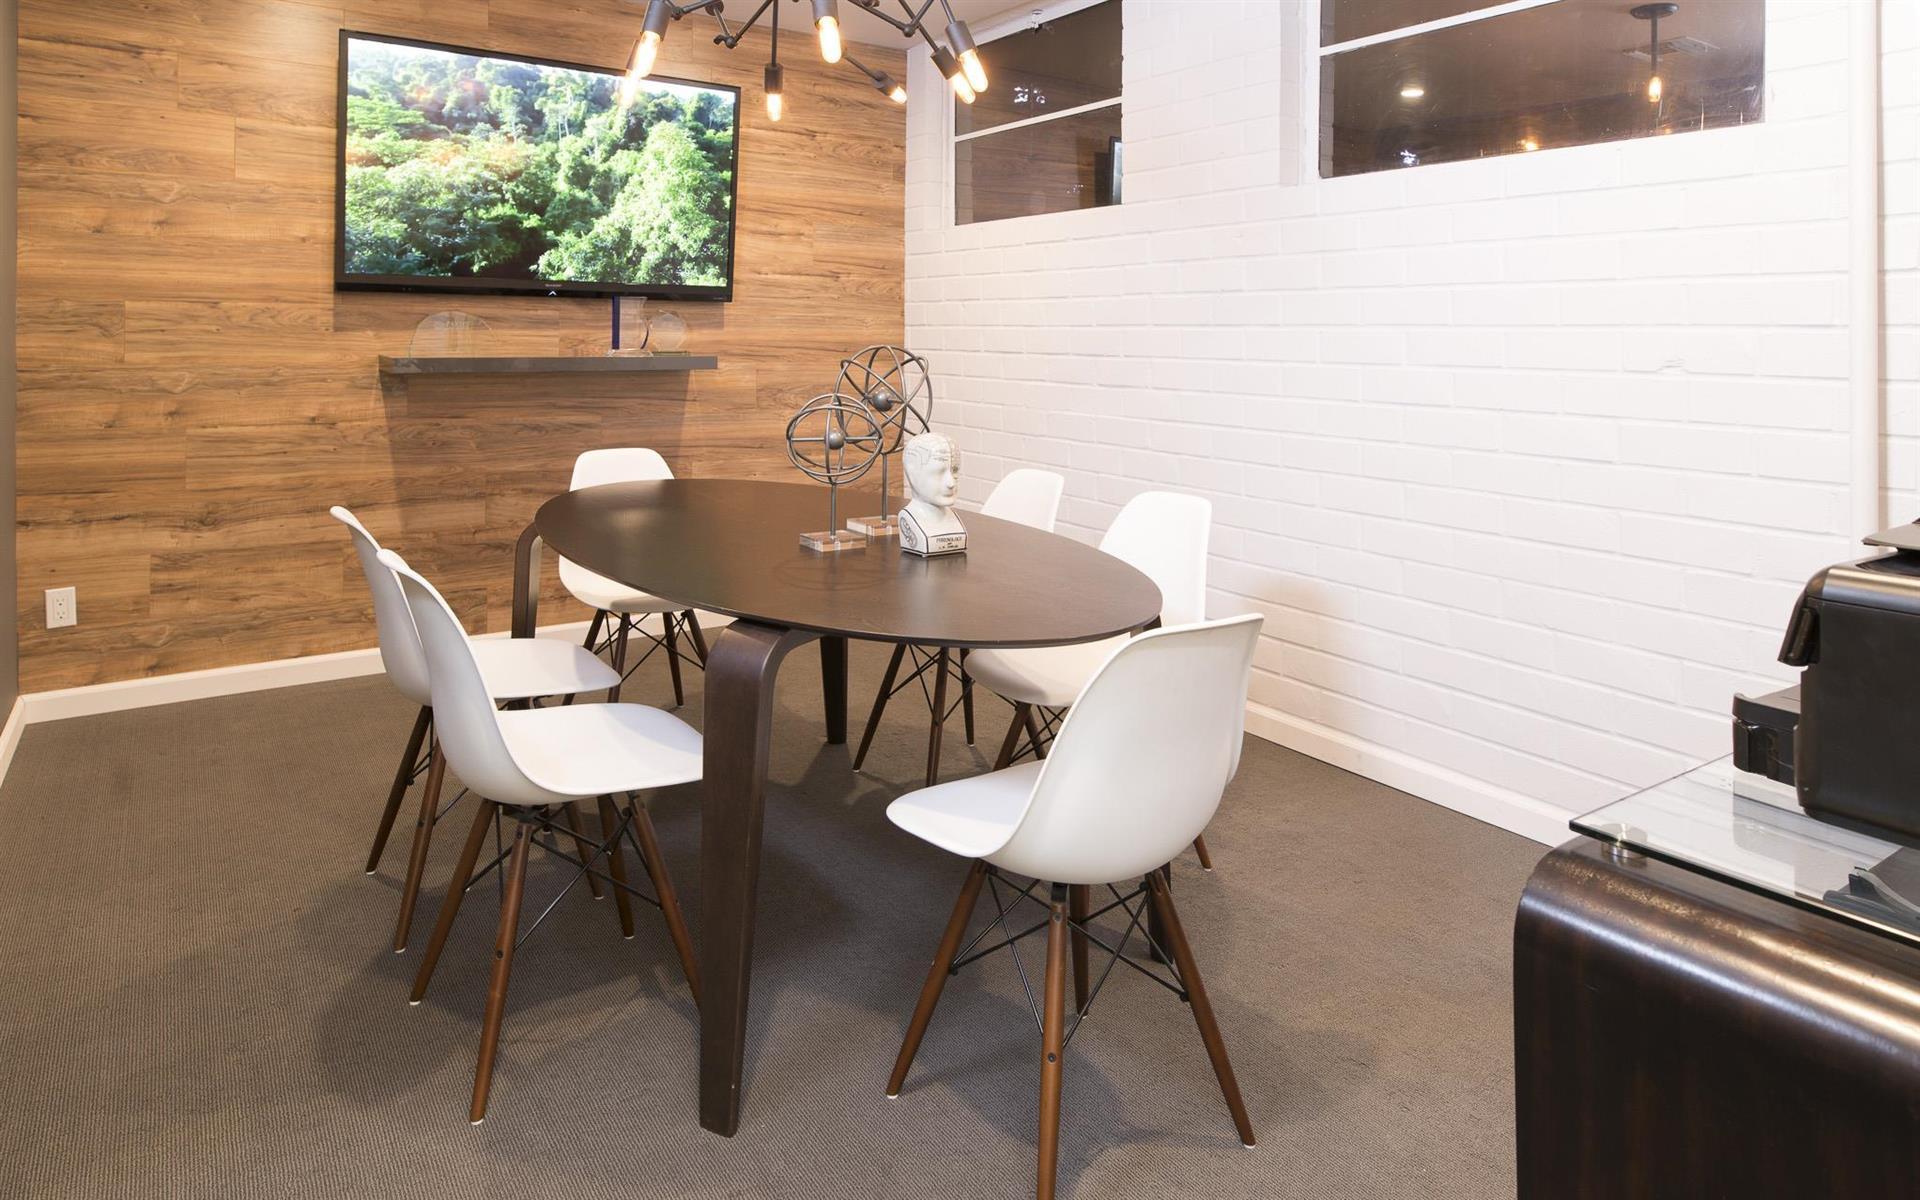 601 Vine Atelier | Studio, Meetings & CoWorking - The Think Tank